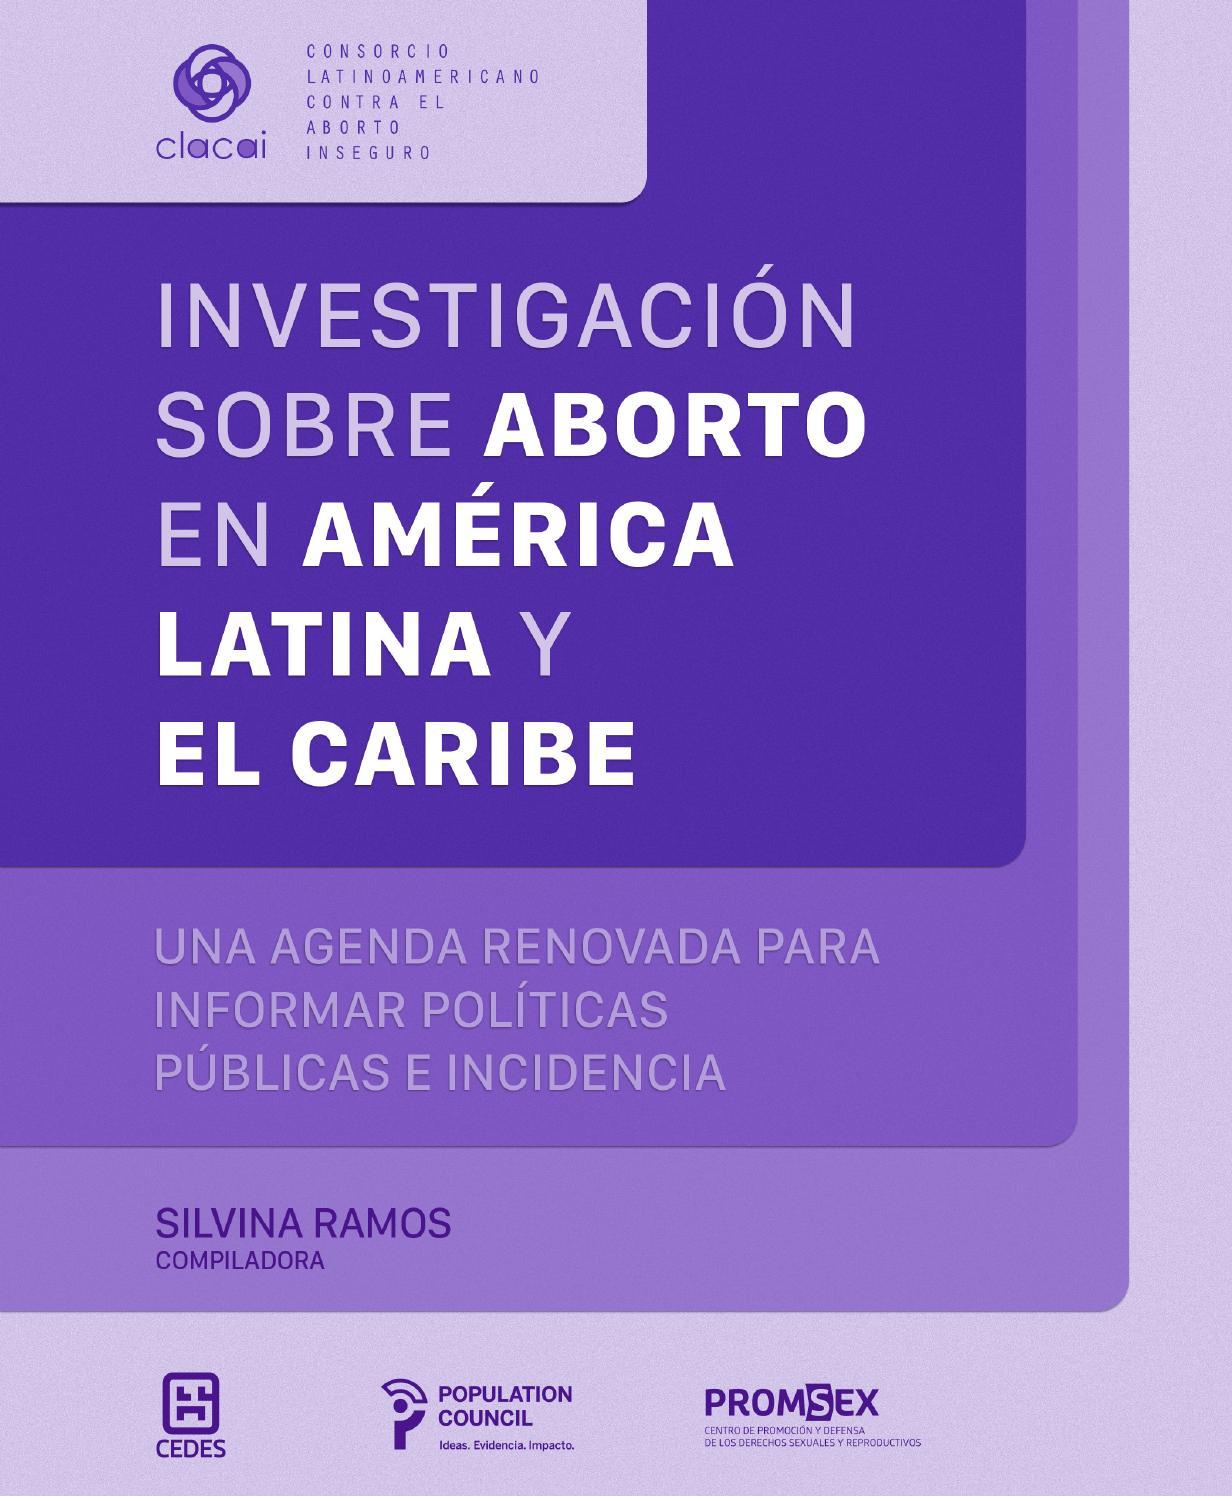 Investigación sobre aborto en LAC by Promsex - issuu